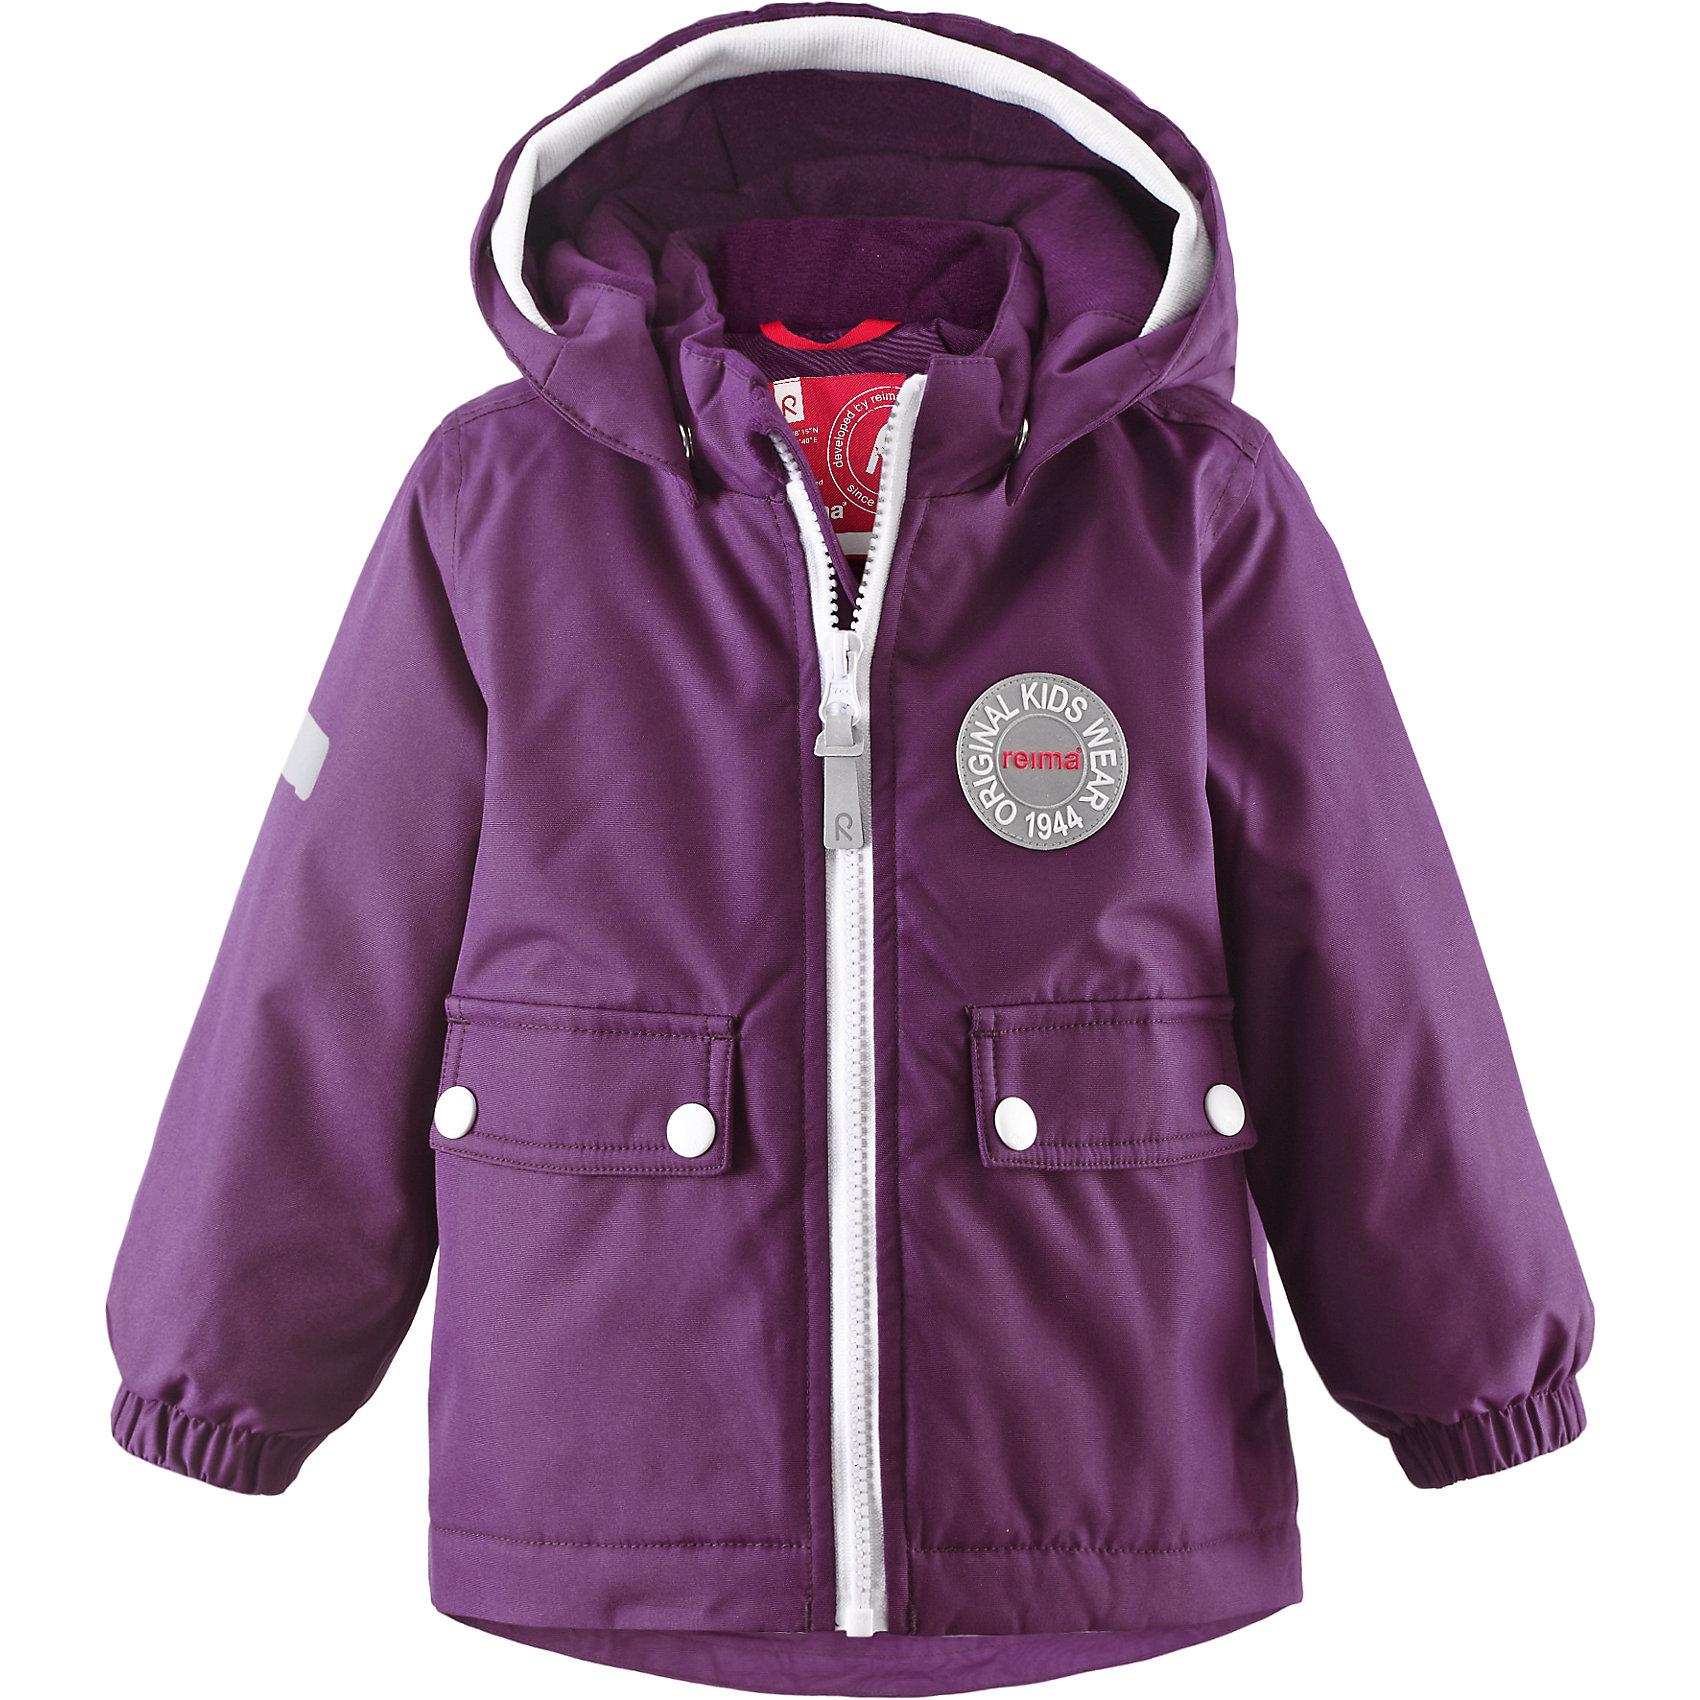 Куртка Quilt для девочки ReimaОдежда<br>Куртка  Reima<br>Зимняя куртка для малышей. Основные швы проклеены и не пропускают влагу. Водоотталкивающий, ветронепроницаемый, «дышащий» и грязеотталкивающий материал. Теплая стеганая подкладка. Безопасный, съемный капюшон. Мягкая резинка на кромке капюшона. Эластичные манжеты. Удлиненный подол сзади. Два кармана с клапанами. Безопасные светоотражающие детали.<br>Утеплитель: Reima® Soft Loft insulation,160 g<br>Уход:<br>Стирать по отдельности, вывернув наизнанку. Застегнуть молнии и липучки. Стирать моющим средством, не содержащим отбеливающие вещества. Полоскать без специального средства. Во избежание изменения цвета изделие необходимо вынуть из стиральной машинки незамедлительно после окончания программы стирки. Сушить при низкой температуре.<br>Состав:<br>100% Полиамид, полиуретановое покрытие<br><br>Ширина мм: 356<br>Глубина мм: 10<br>Высота мм: 245<br>Вес г: 519<br>Цвет: фиолетовый<br>Возраст от месяцев: 9<br>Возраст до месяцев: 12<br>Пол: Женский<br>Возраст: Детский<br>Размер: 80,92,86,98<br>SKU: 4776051